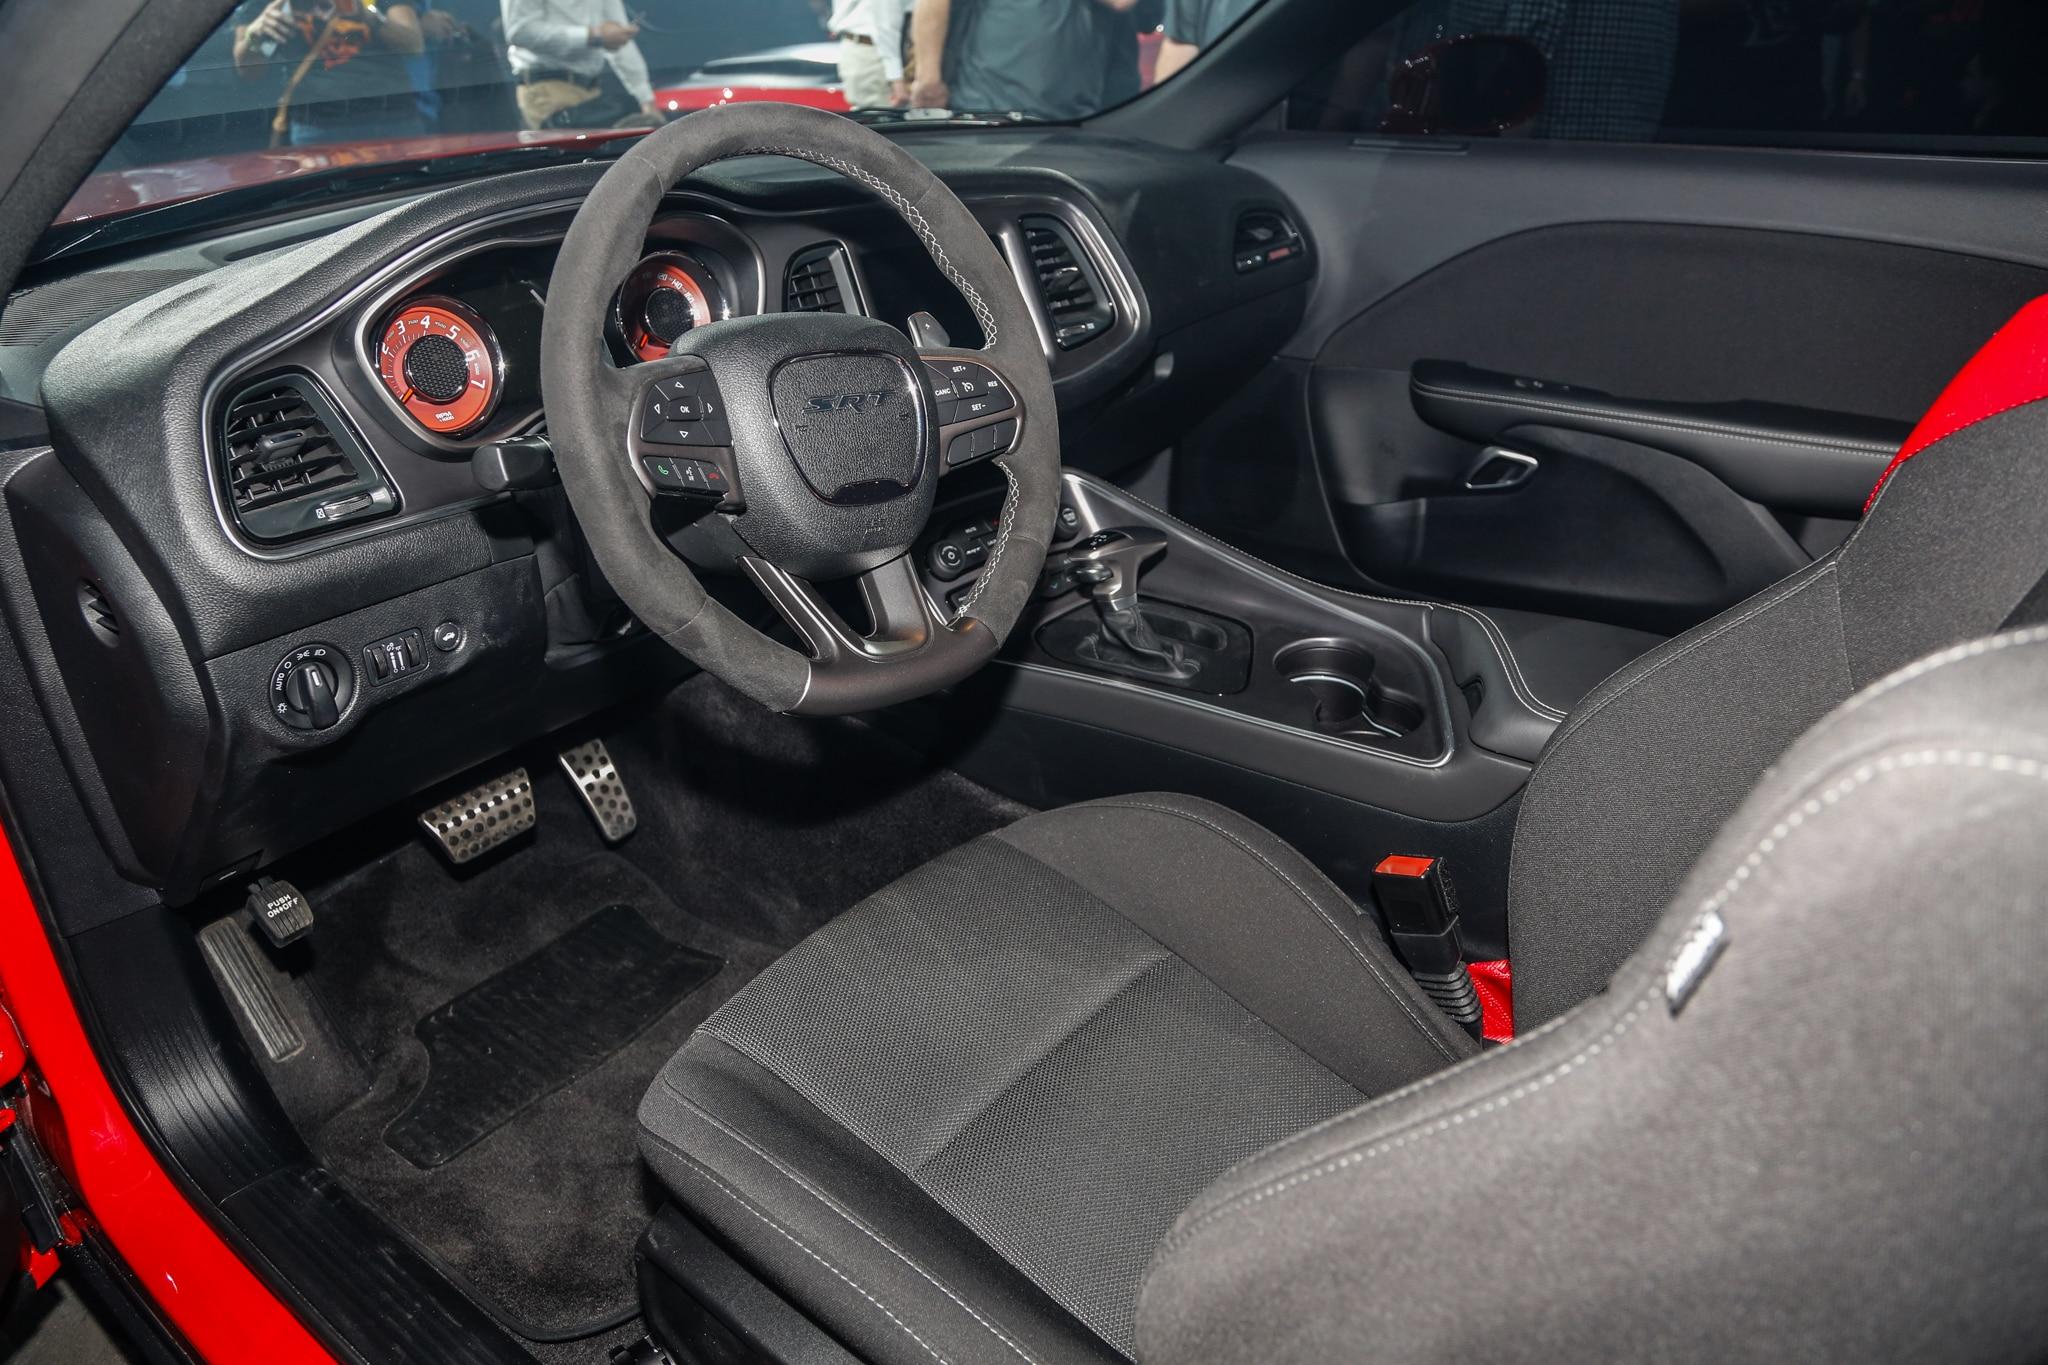 Dodge Challenger Srt Demon Interior View